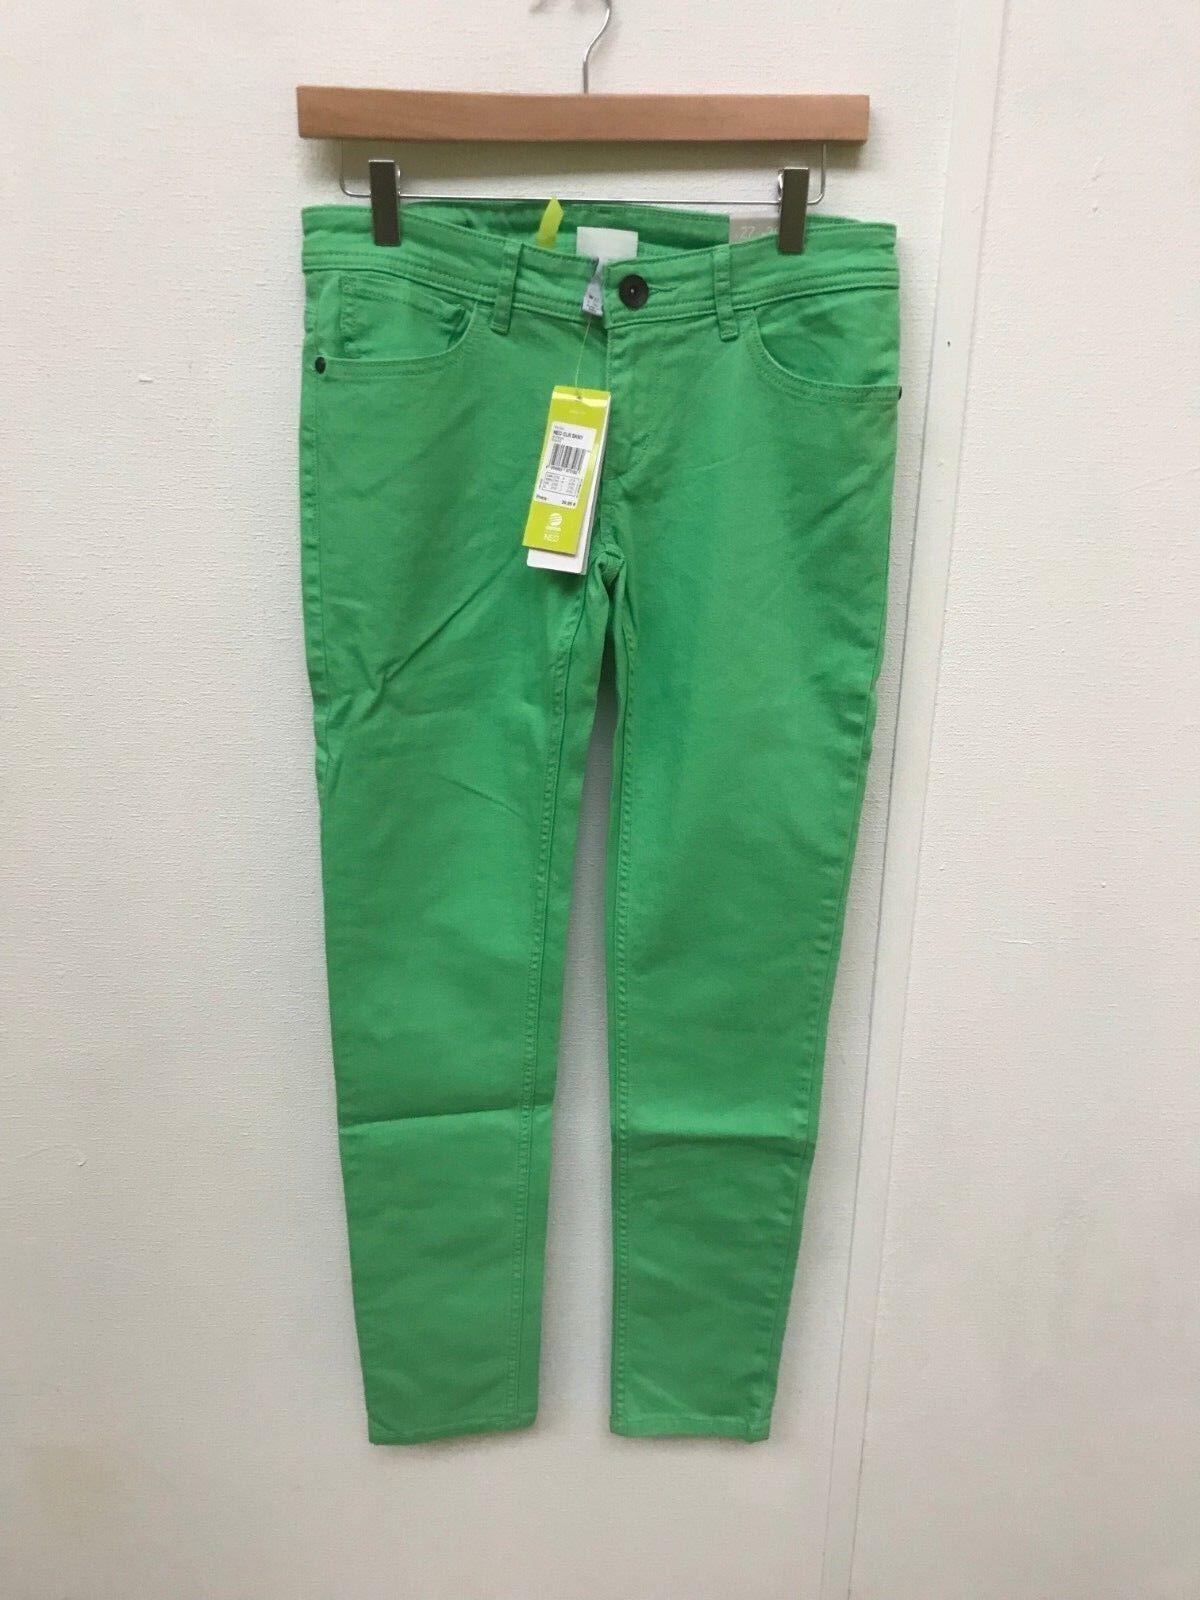 adidas NEO női színes, nadrágos farmer - W30 L34 - zöld - új